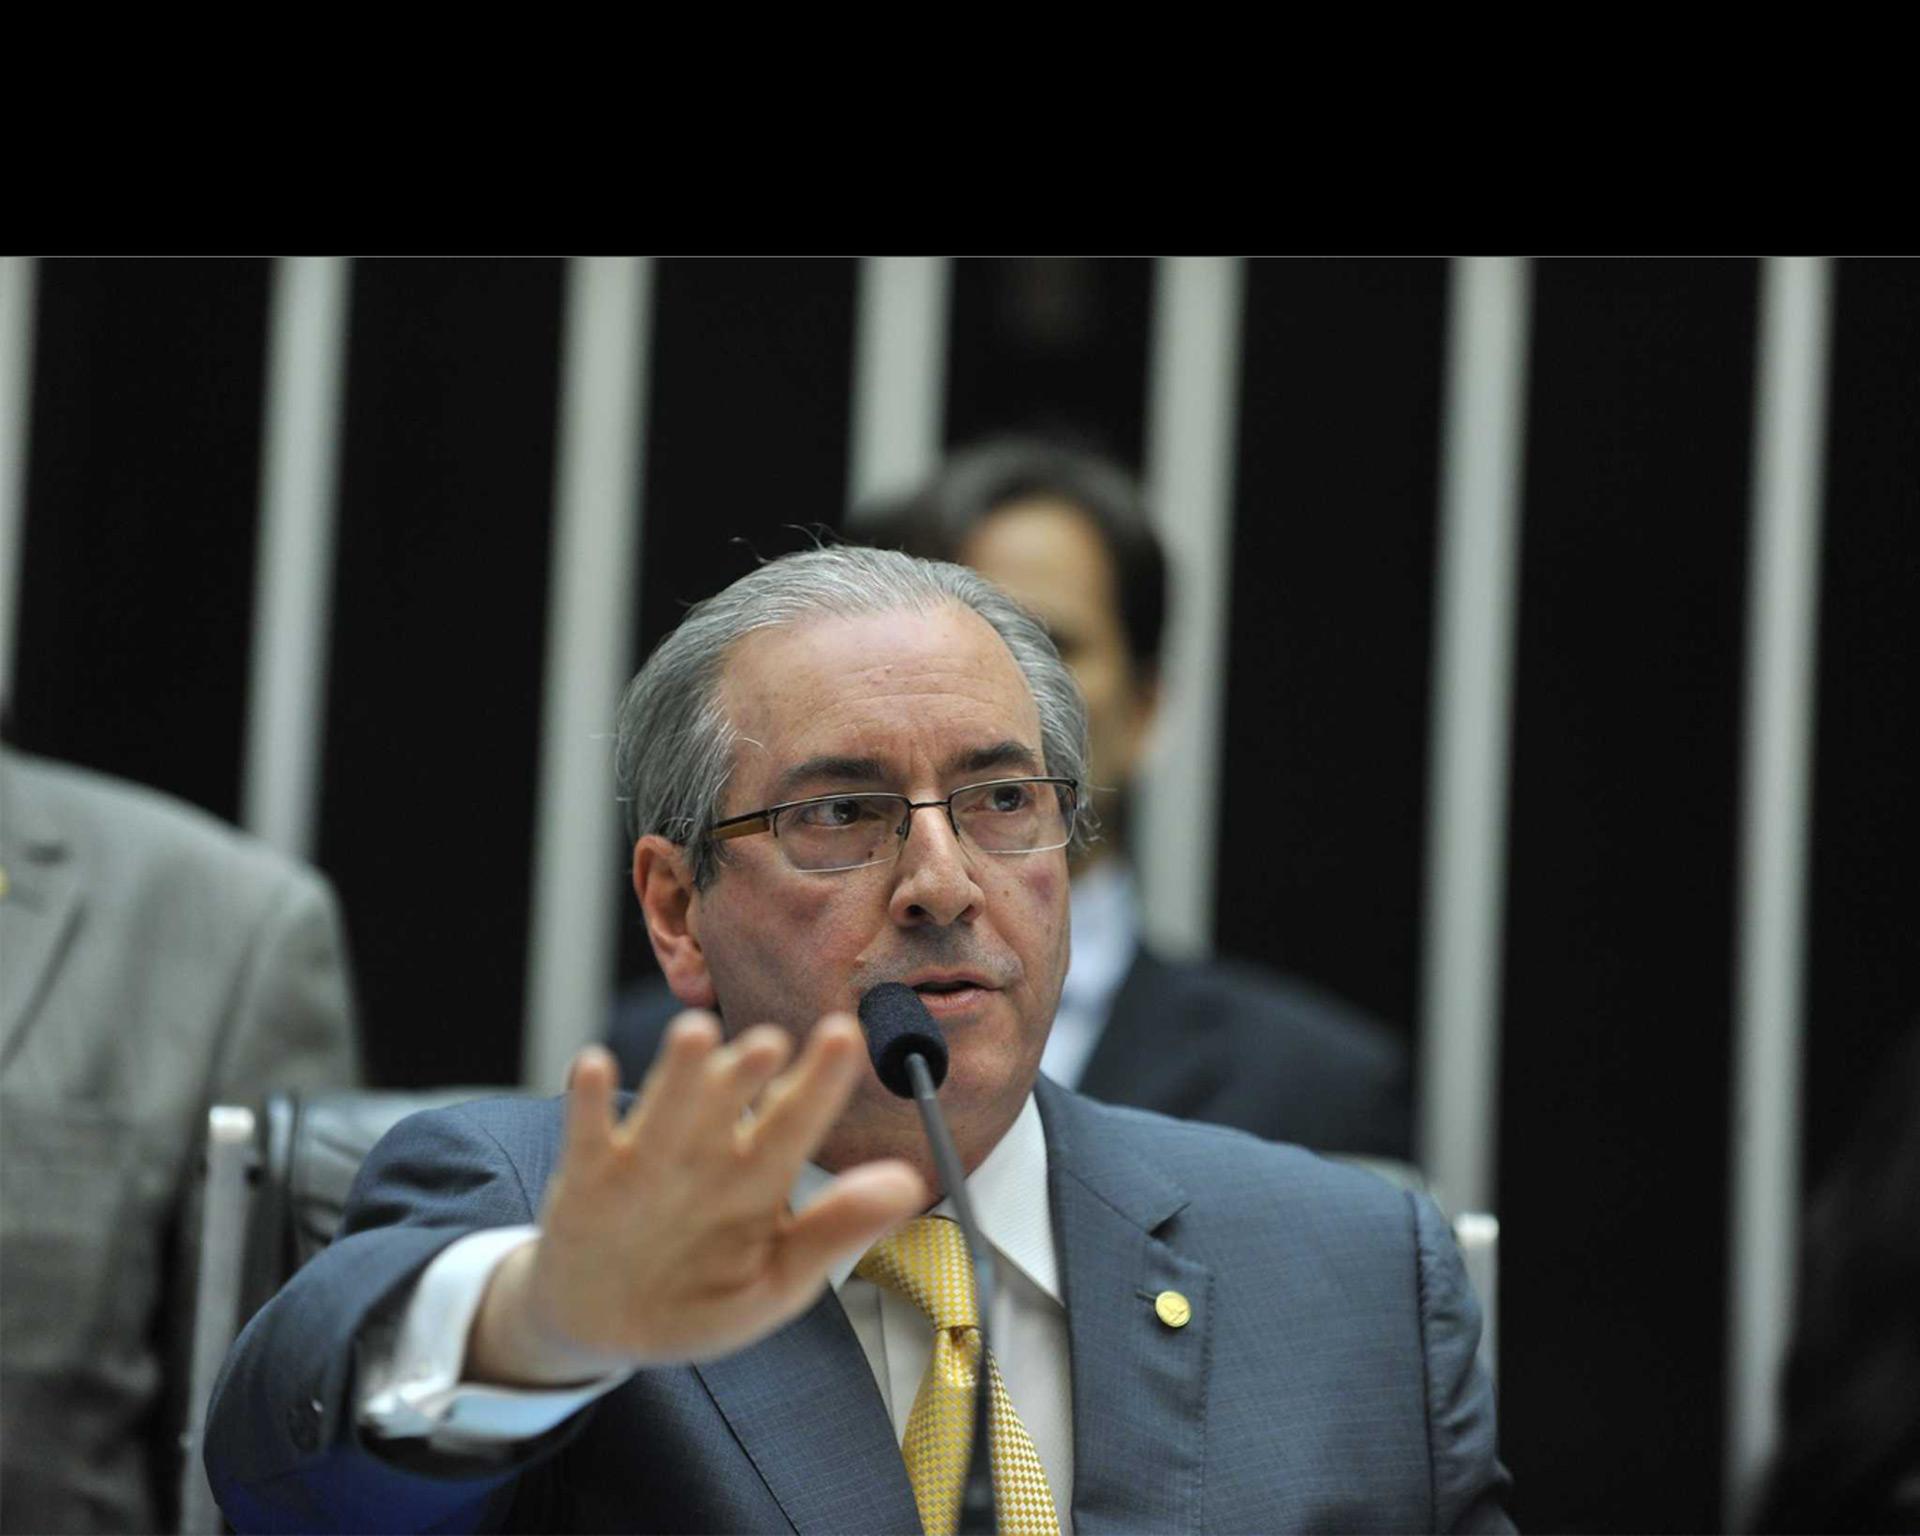 Eduardo Cunha, presidente de la Cámara de Diputados de Brasil, admitió el pedido de destitución